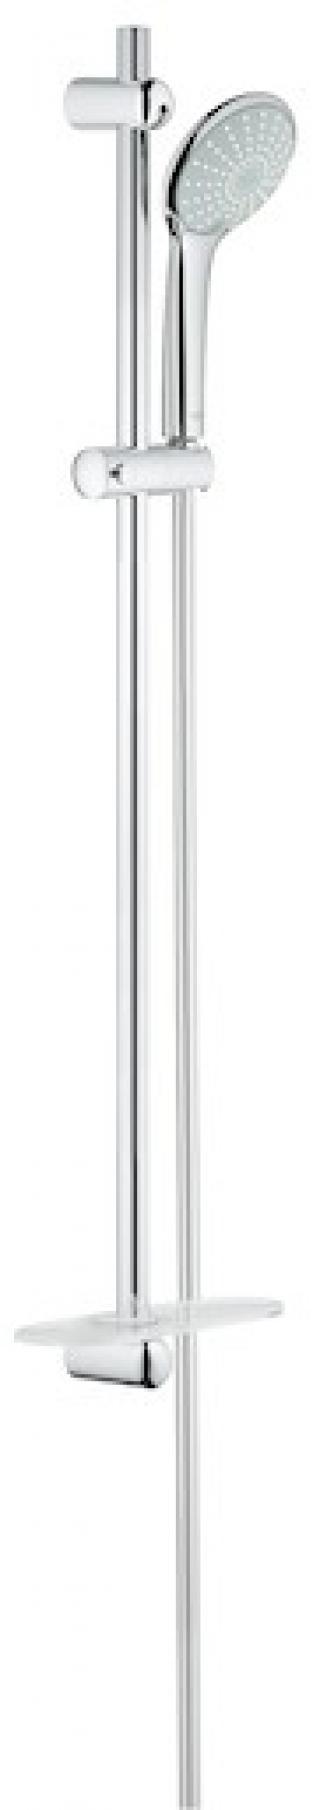 Sprchový set Grohe Euphoria s poličkou chrom 27225001 chrom chrom